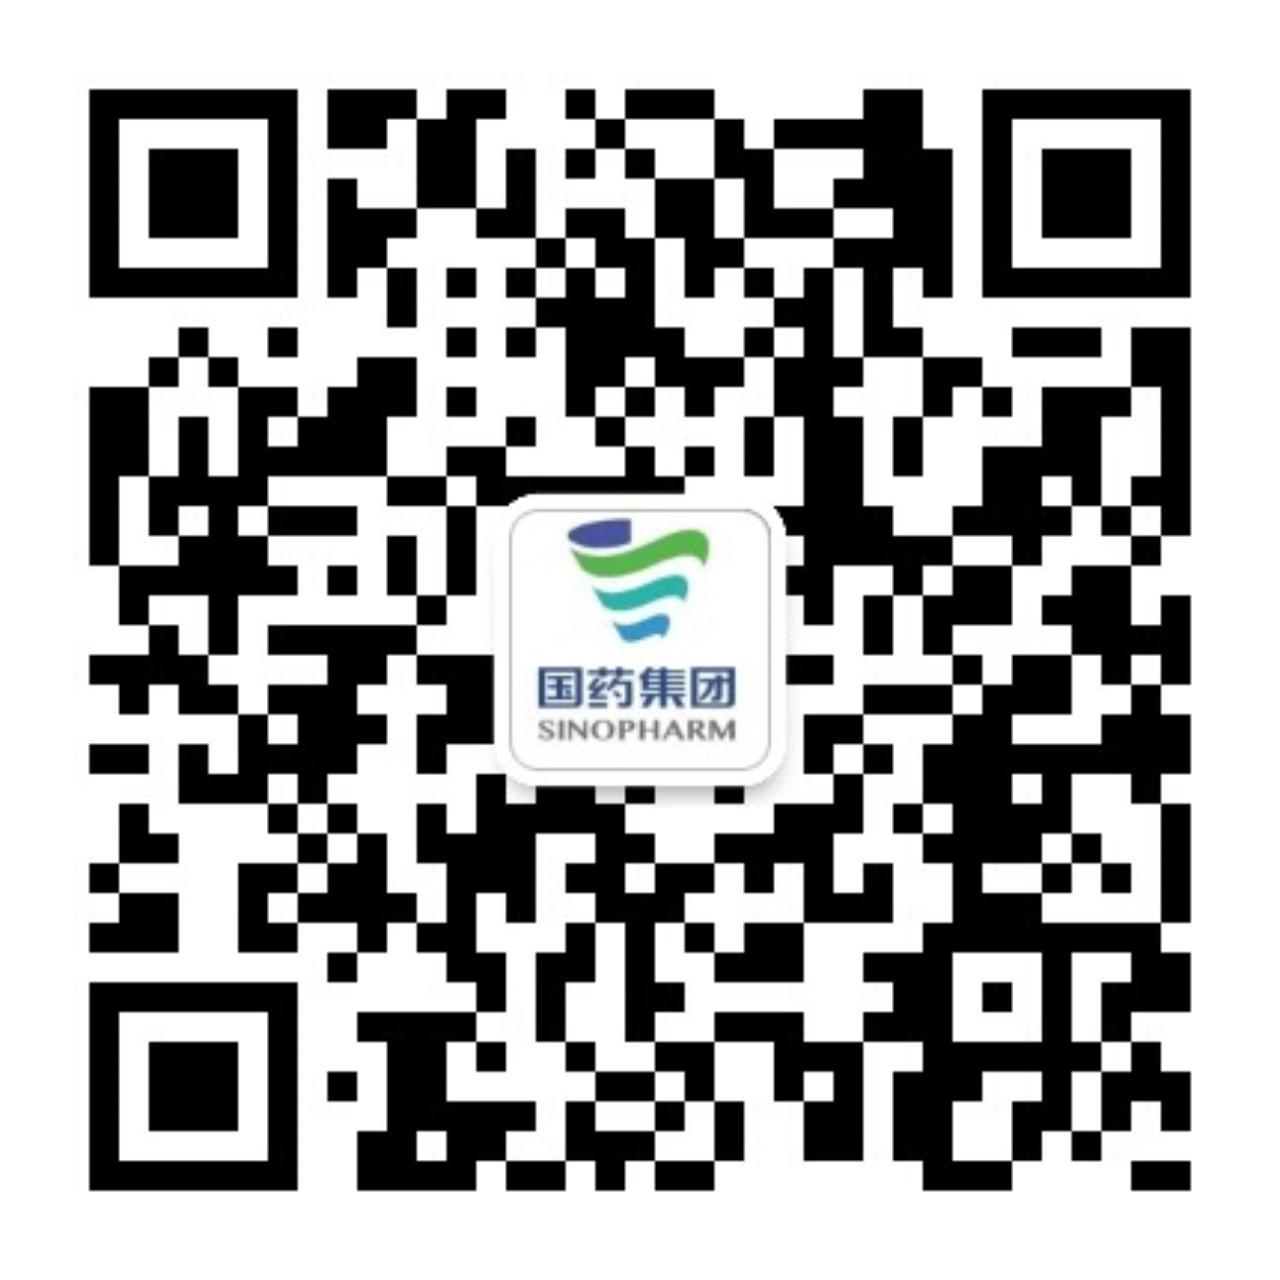 万博manbetx官网网址观途二维码